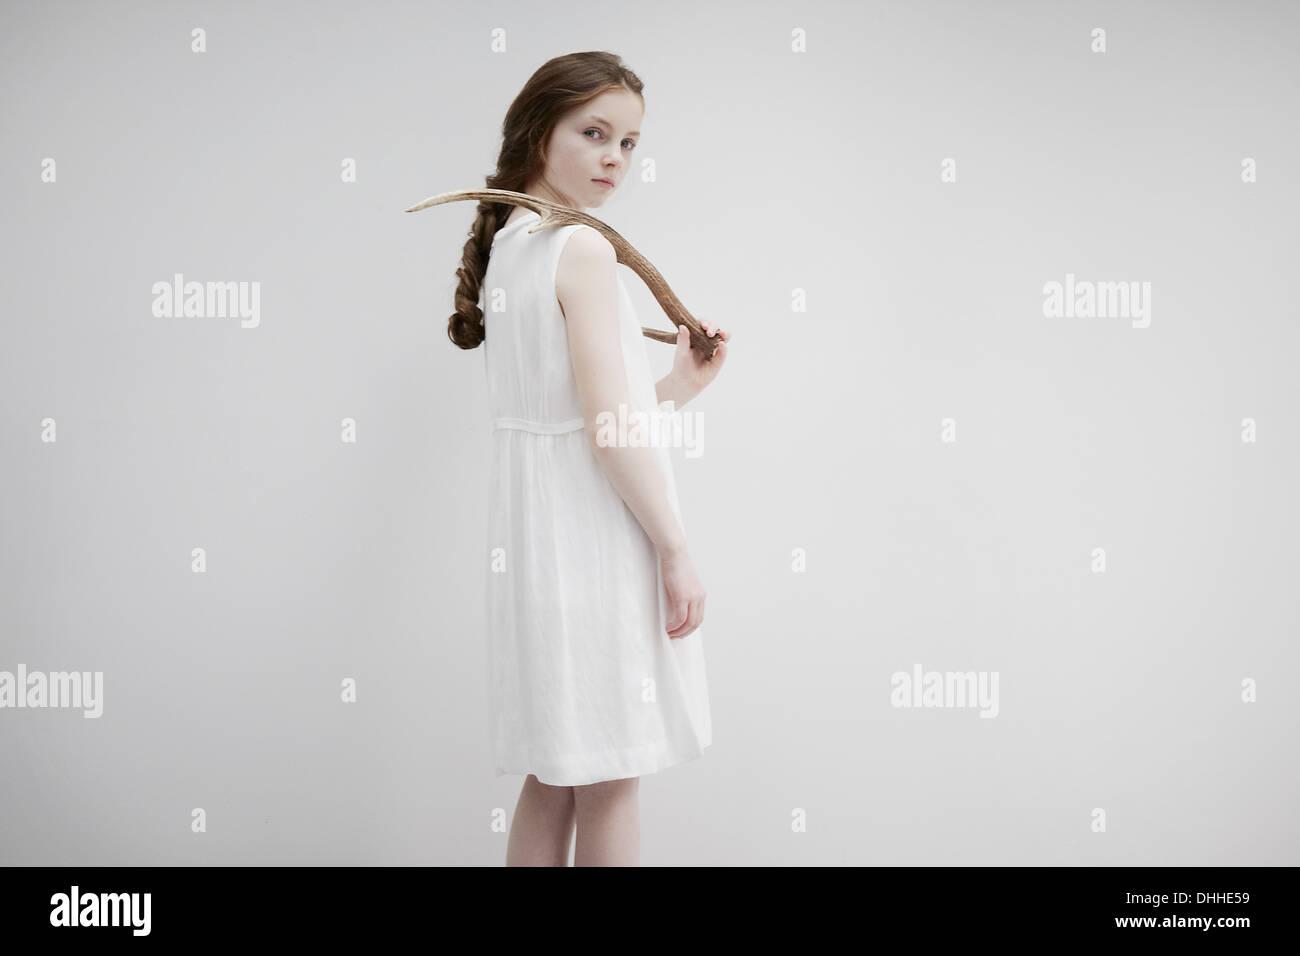 Mädchen posiert seitwärts mit Geweih Stockbild